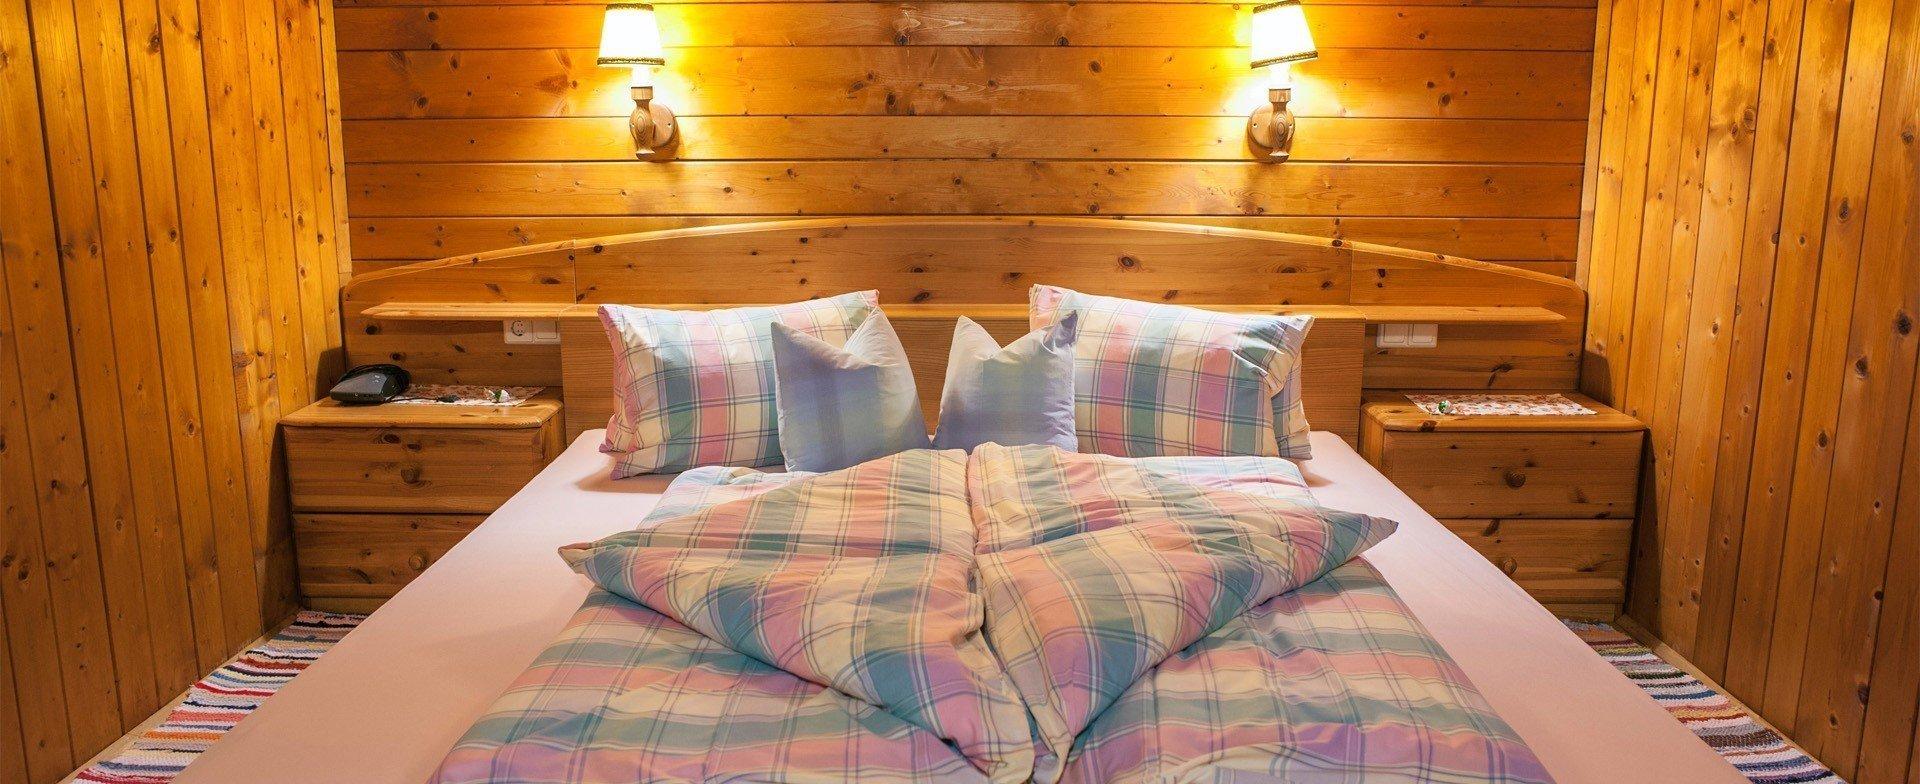 Erholsame Nächte in unseren Holzzimmern